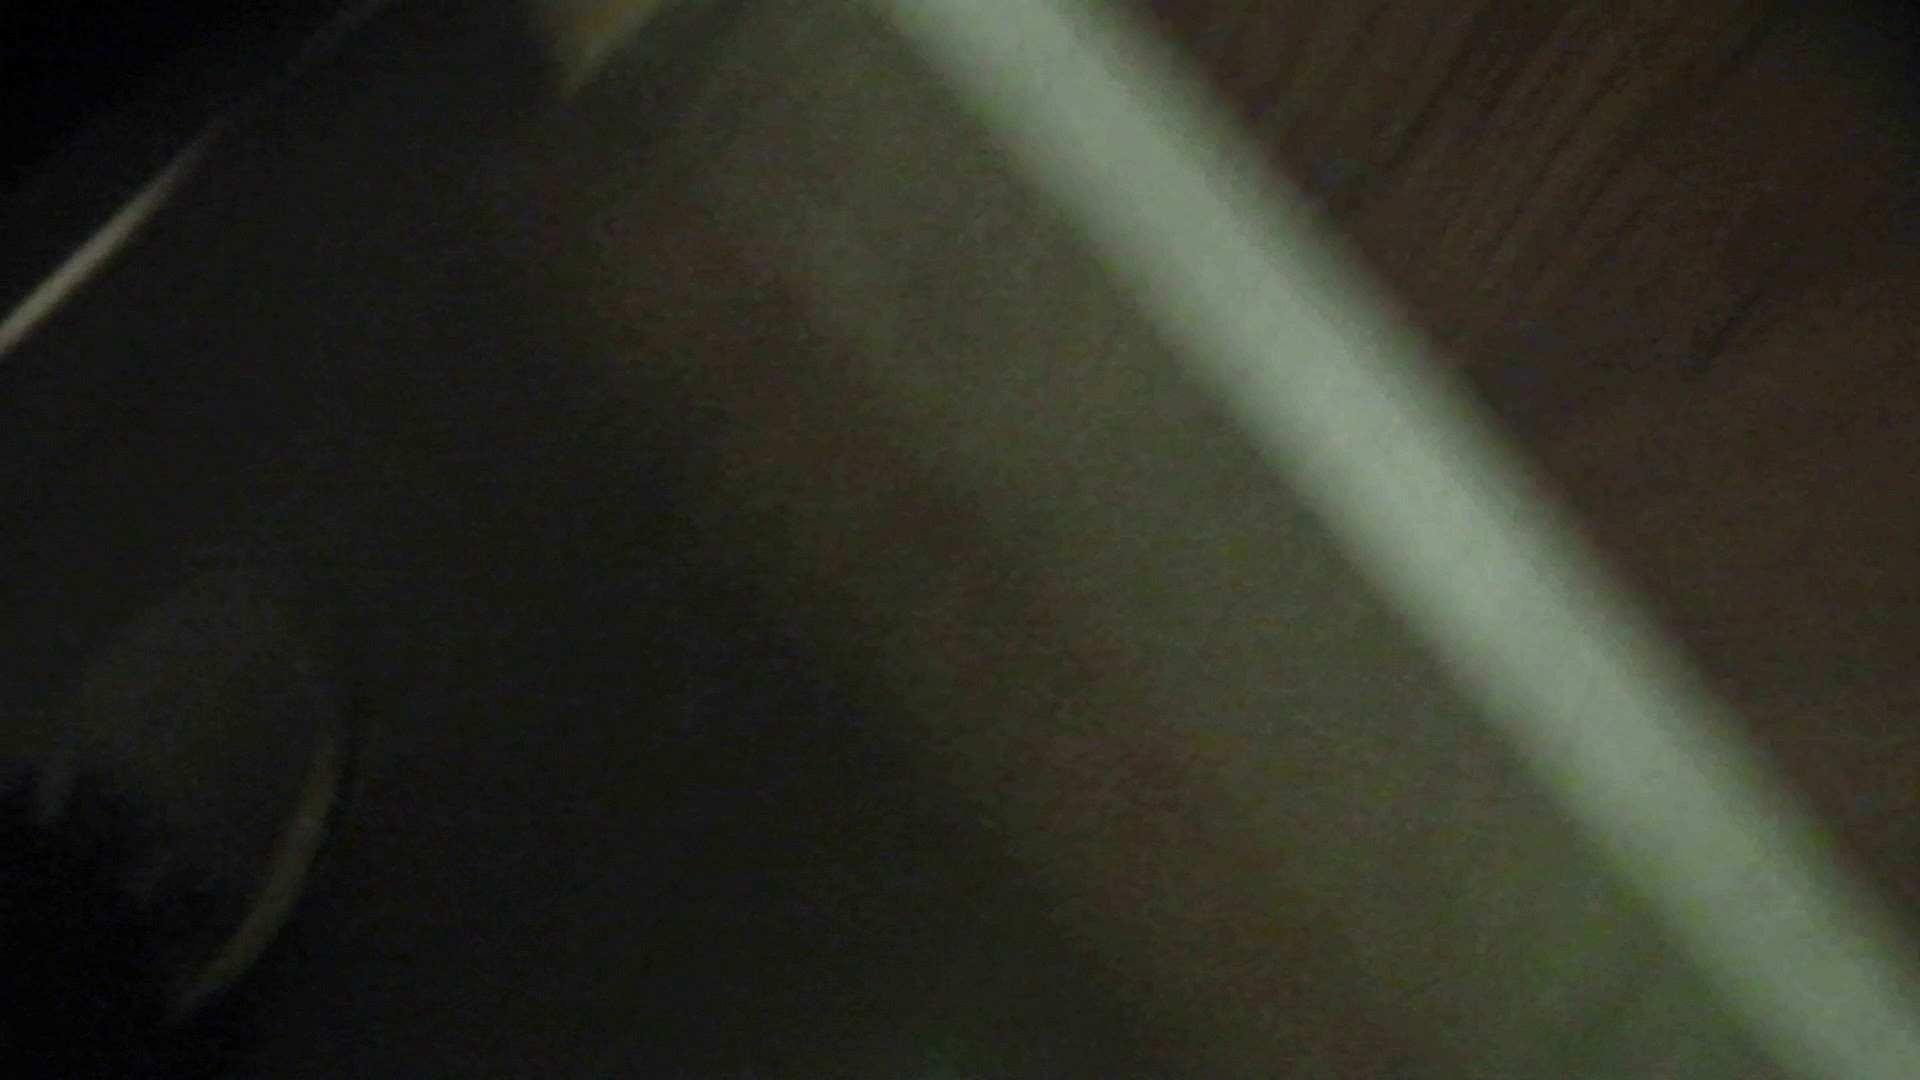 阿国ちゃんの「和式洋式七変化」No.14 お姉さん攻略 | ギャル攻め  57画像 37